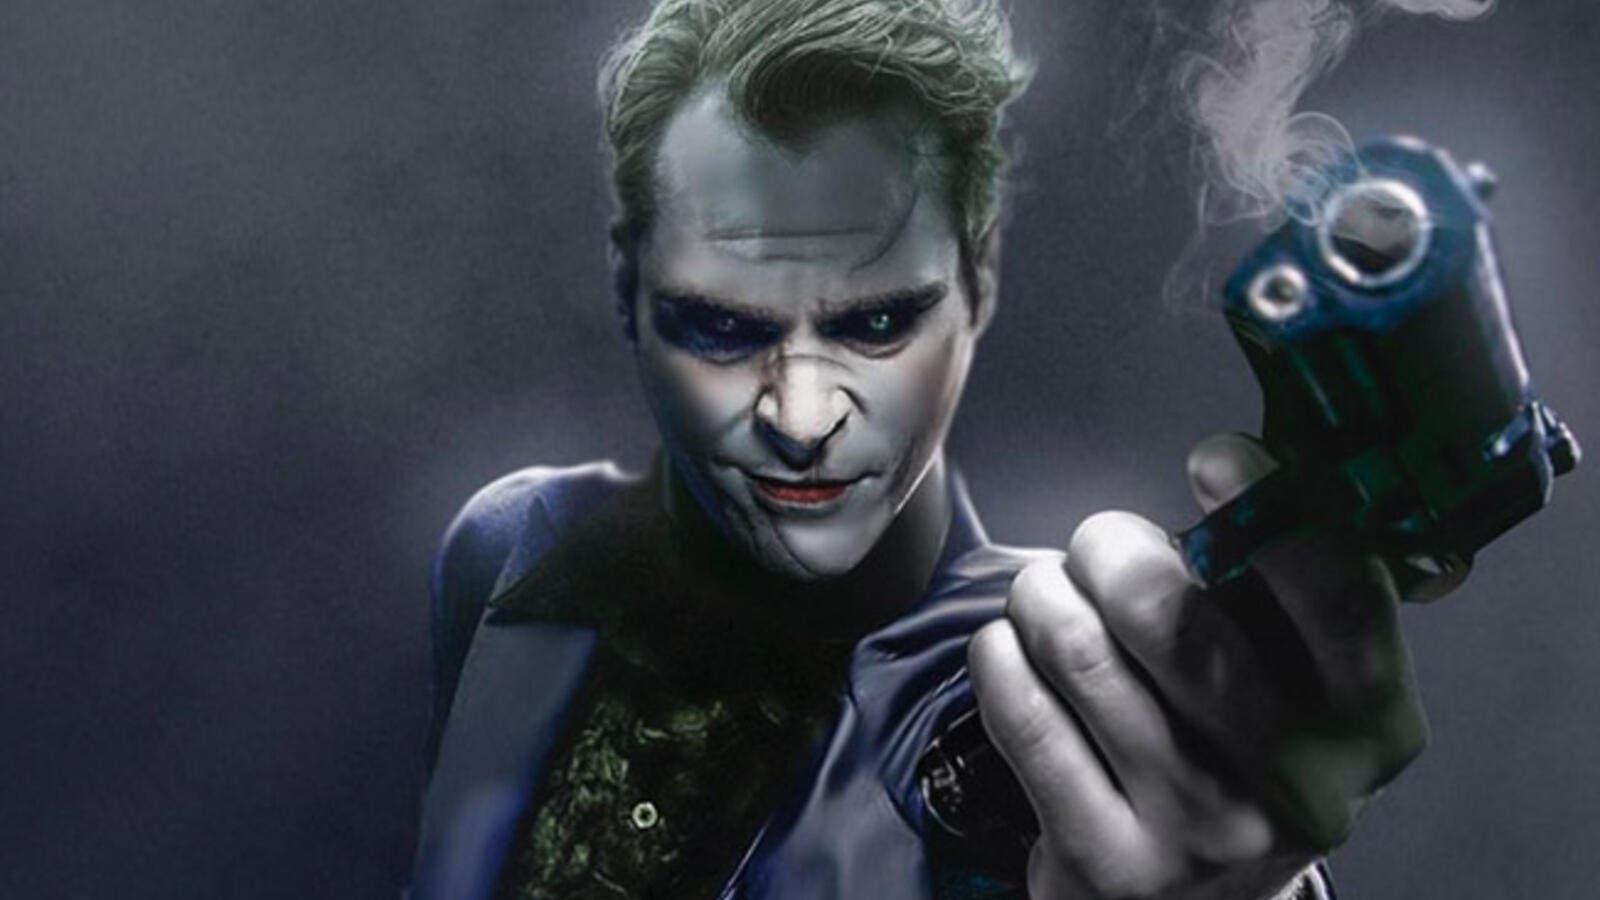 Joker Origin Film Is To Be Released On October 2019 Al Bawaba